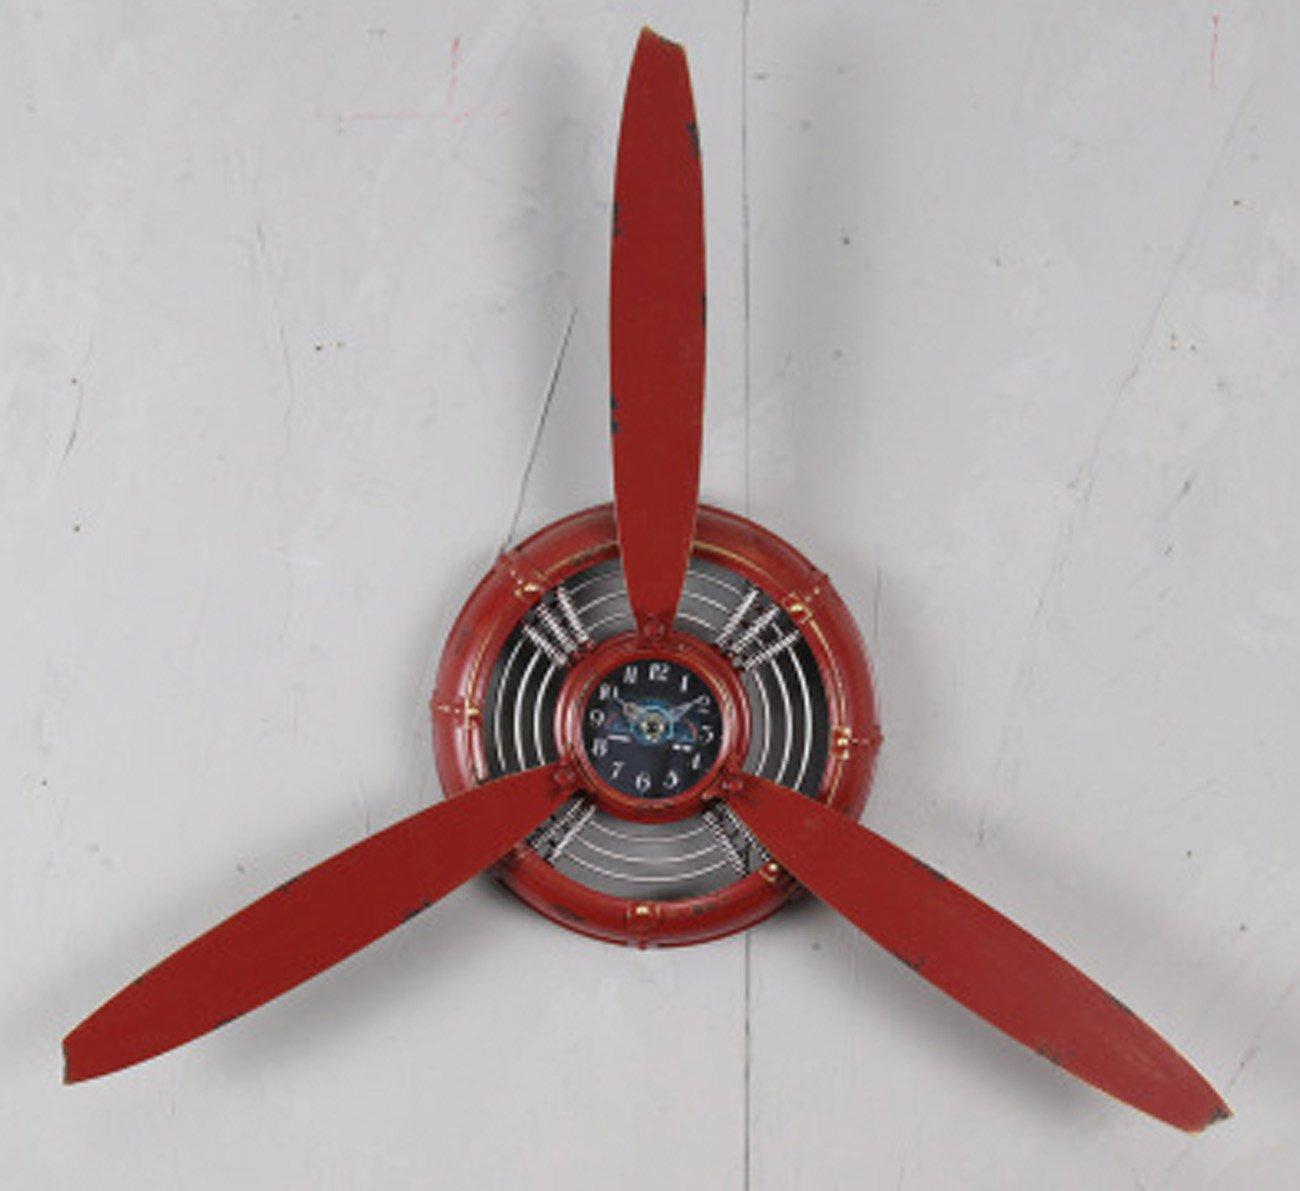 クロック 古い産業スタイルの航空機プロペラのモデルウォールクロック、レトロアイアンハンギングウォッチ、ビンテージバーカフェレストラン装飾的な壁時計(100 * 15 * 70センチメートル) ウォールオーナメント (色 : 赤) B07F5MJPRZ 赤 赤